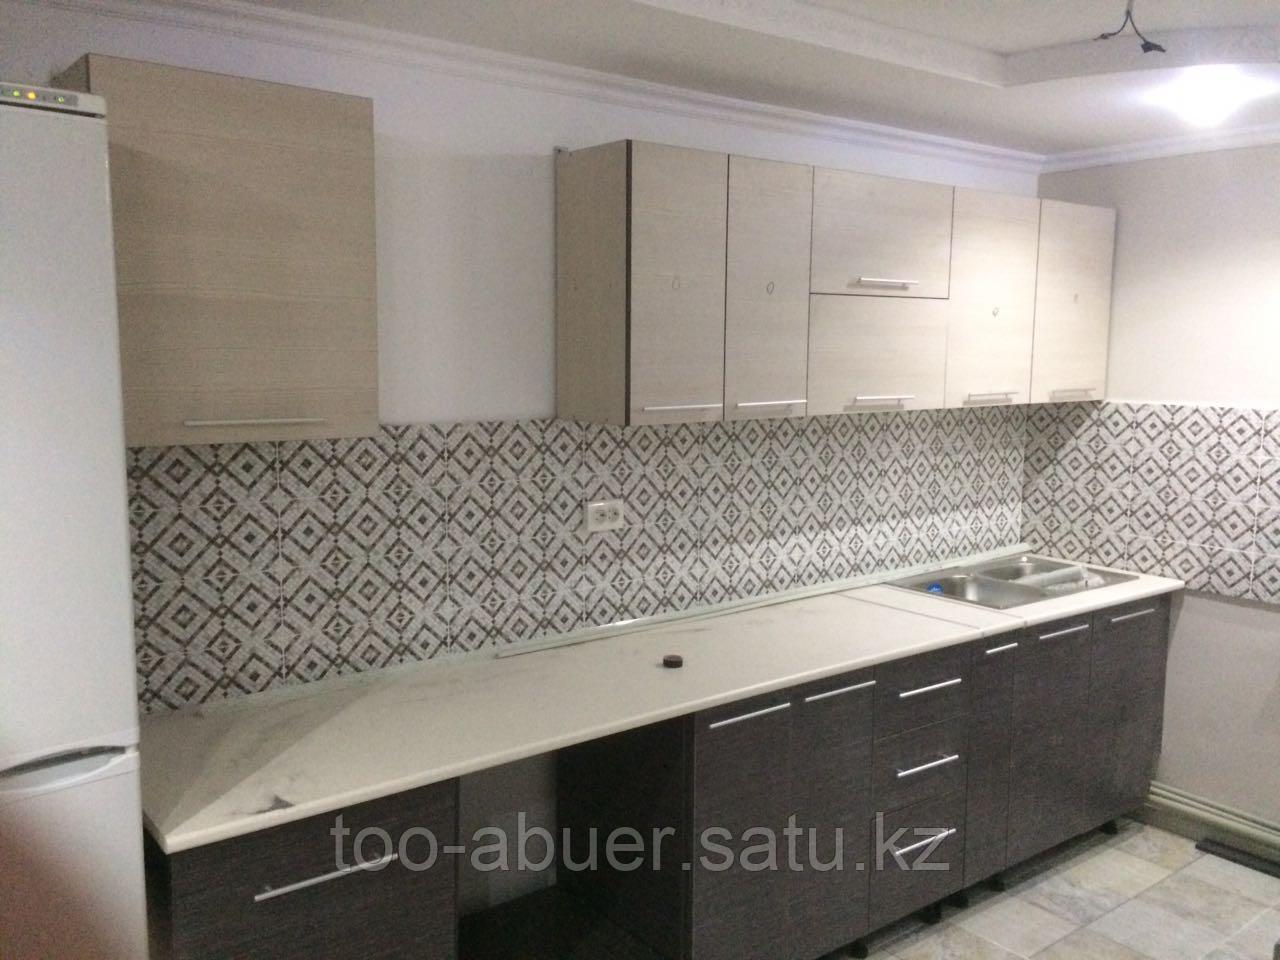 Кухонный гарнитур на заказ от 55 000тнг!